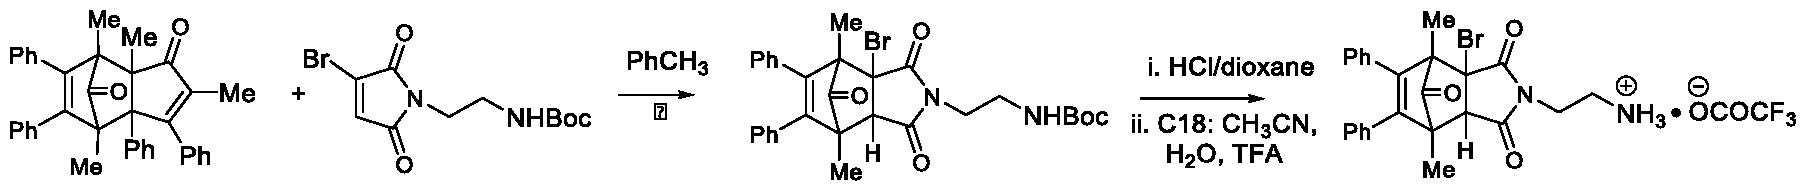 WO2017095237A1 - Carbon monoxide releasing norbornenone compounds